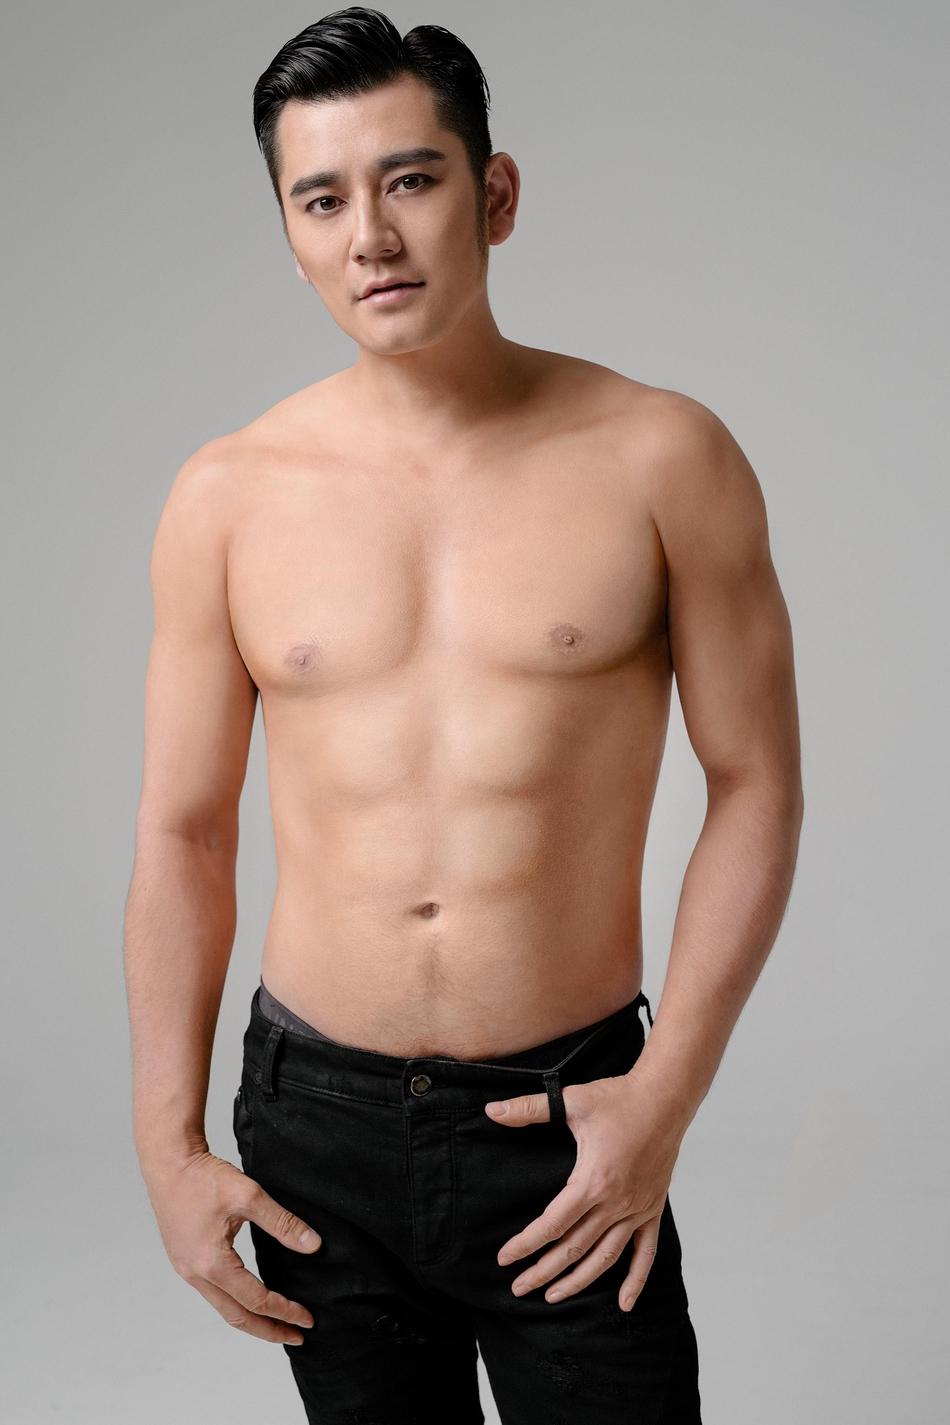 魅力型男超强虐腹 打造八块腹肌